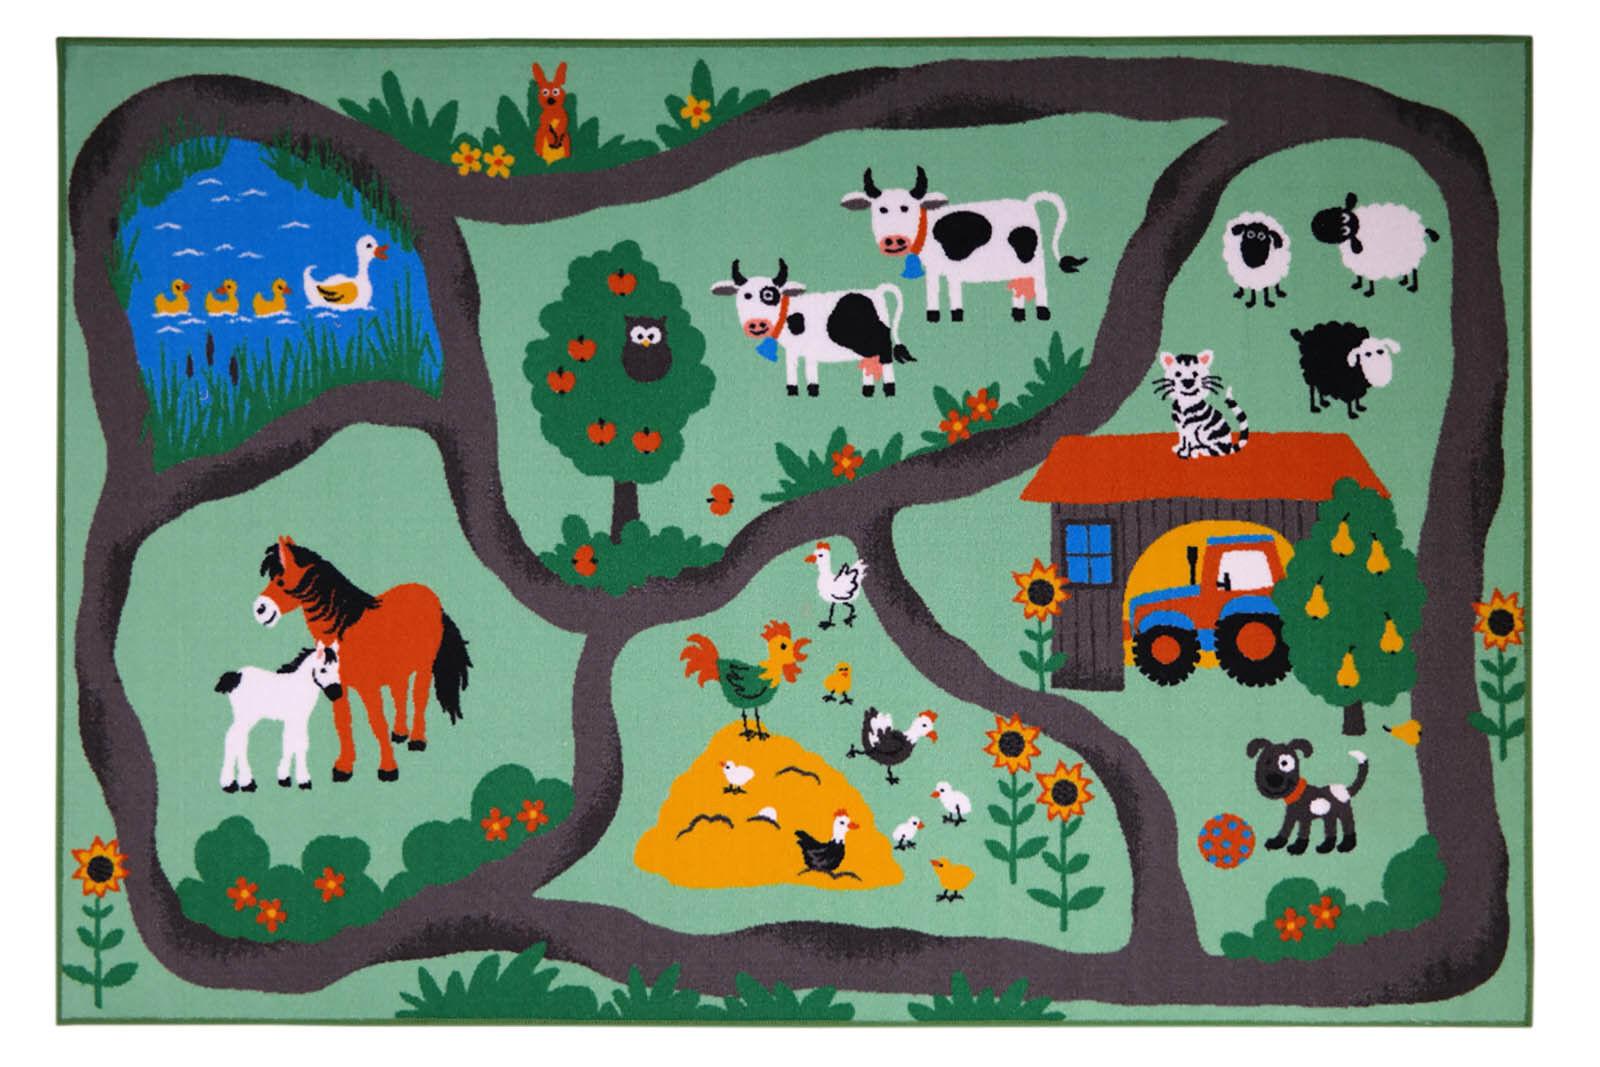 Spielteppich Bauernhof Farm Straßenteppich Kinderteppich Kinderzimmer Tiere